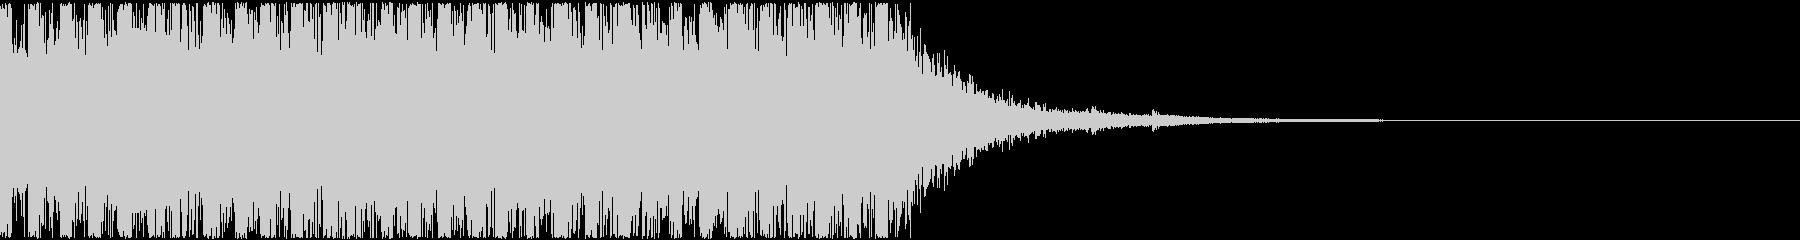 軽い発砲音の連写(マガジンの音)の未再生の波形